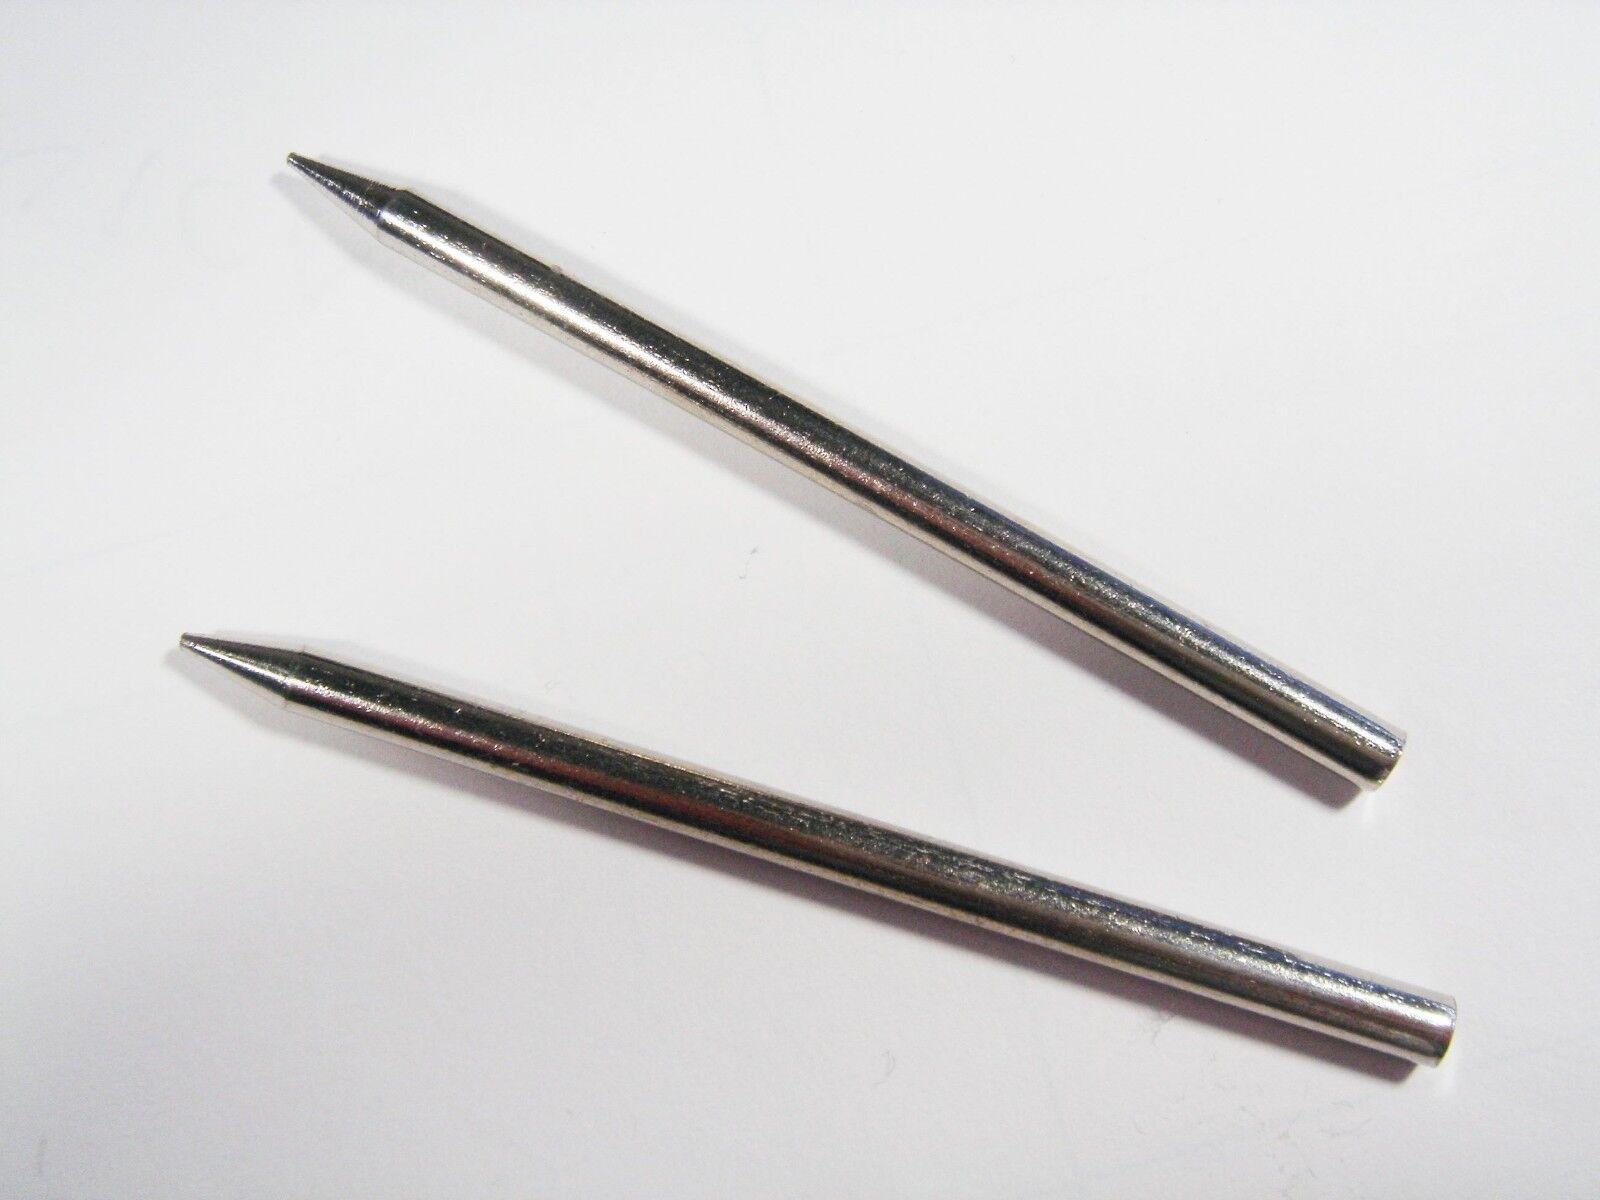 10 x Punta per saldatura 4mm continua 4mm 3,8MM 70mm DRITTO LONG LIFE #1-1101#